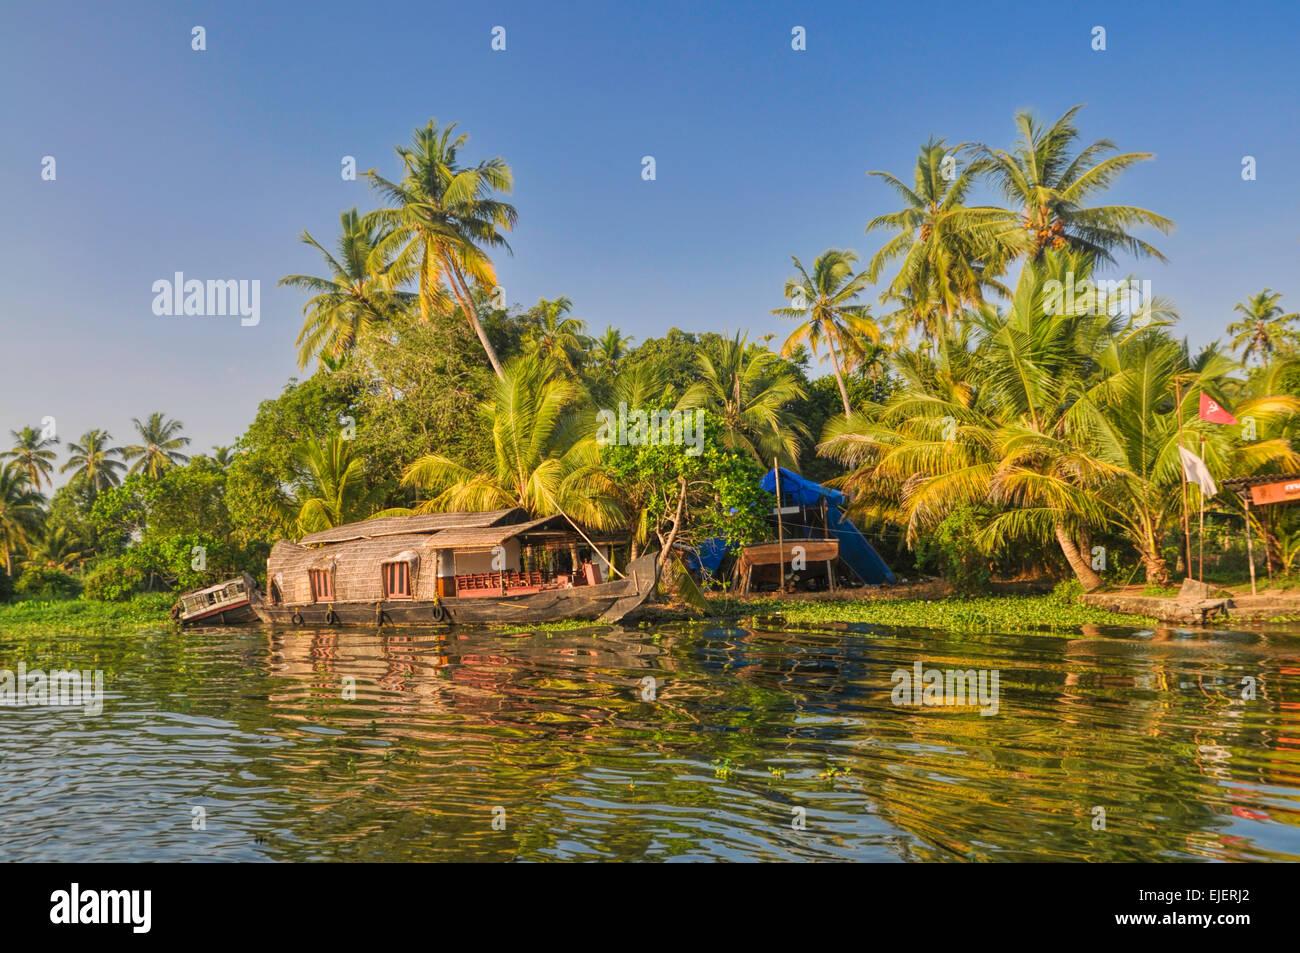 Pittoresca casa galleggiante tradizionale per Alleppey regione in India Immagini Stock